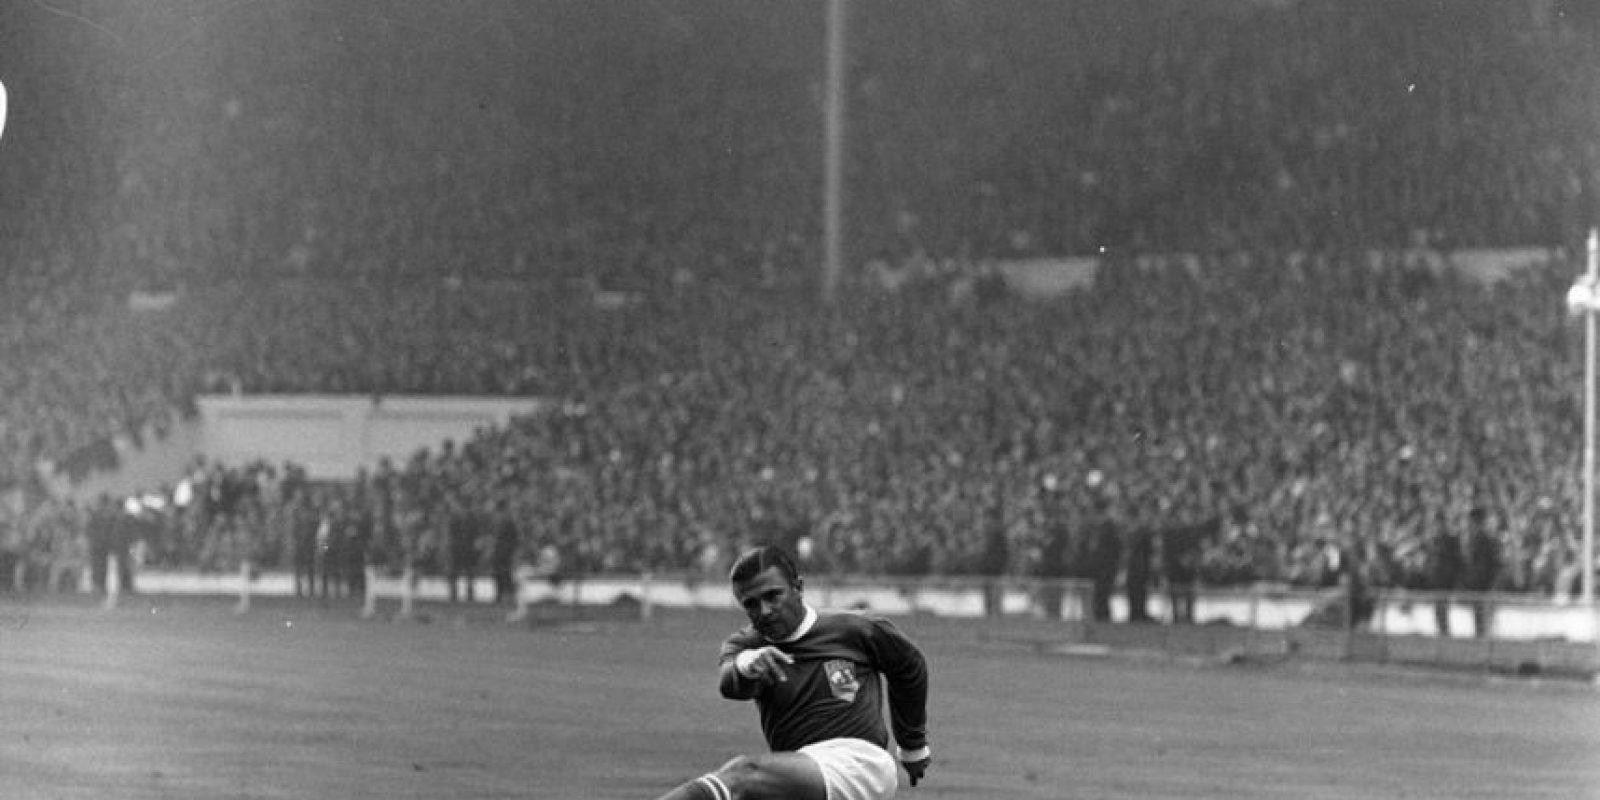 Uno de los delanteros más letales que ha tenido el fútbol es Ferenc Puskas y no por nada el premio de la FIFA al mejor gol de la temporada lleva su nombre. En Real Madrid formó una dupla temible con Alfredo Di Stefano y se cansaron de ganar títulos, algo que no pudo repetir por su selección. Con Hungría, pese a marcar 84 goles en 85 partidos, jugó el Mundial de 1954 y perdió la final ante Alemania. Luego, para el Mundial de 1962, cambió su nacionalidad y jugó por España, pero perdió en la fase de grupos. Foto:Getty Images